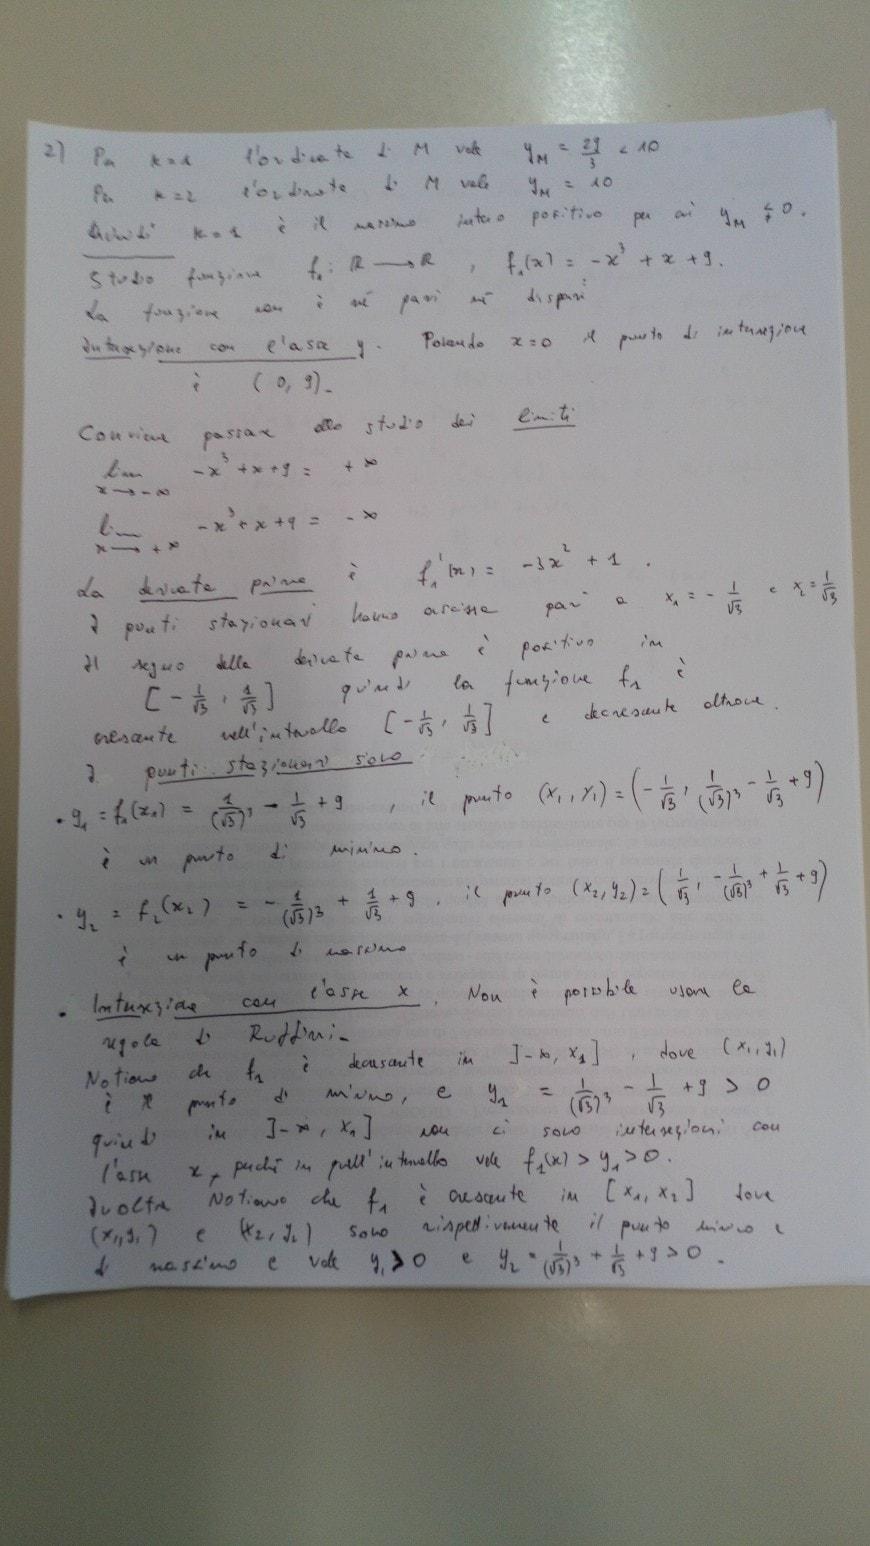 Soluzione quesito 2-2 - seconda prova scientifico maturità 2018